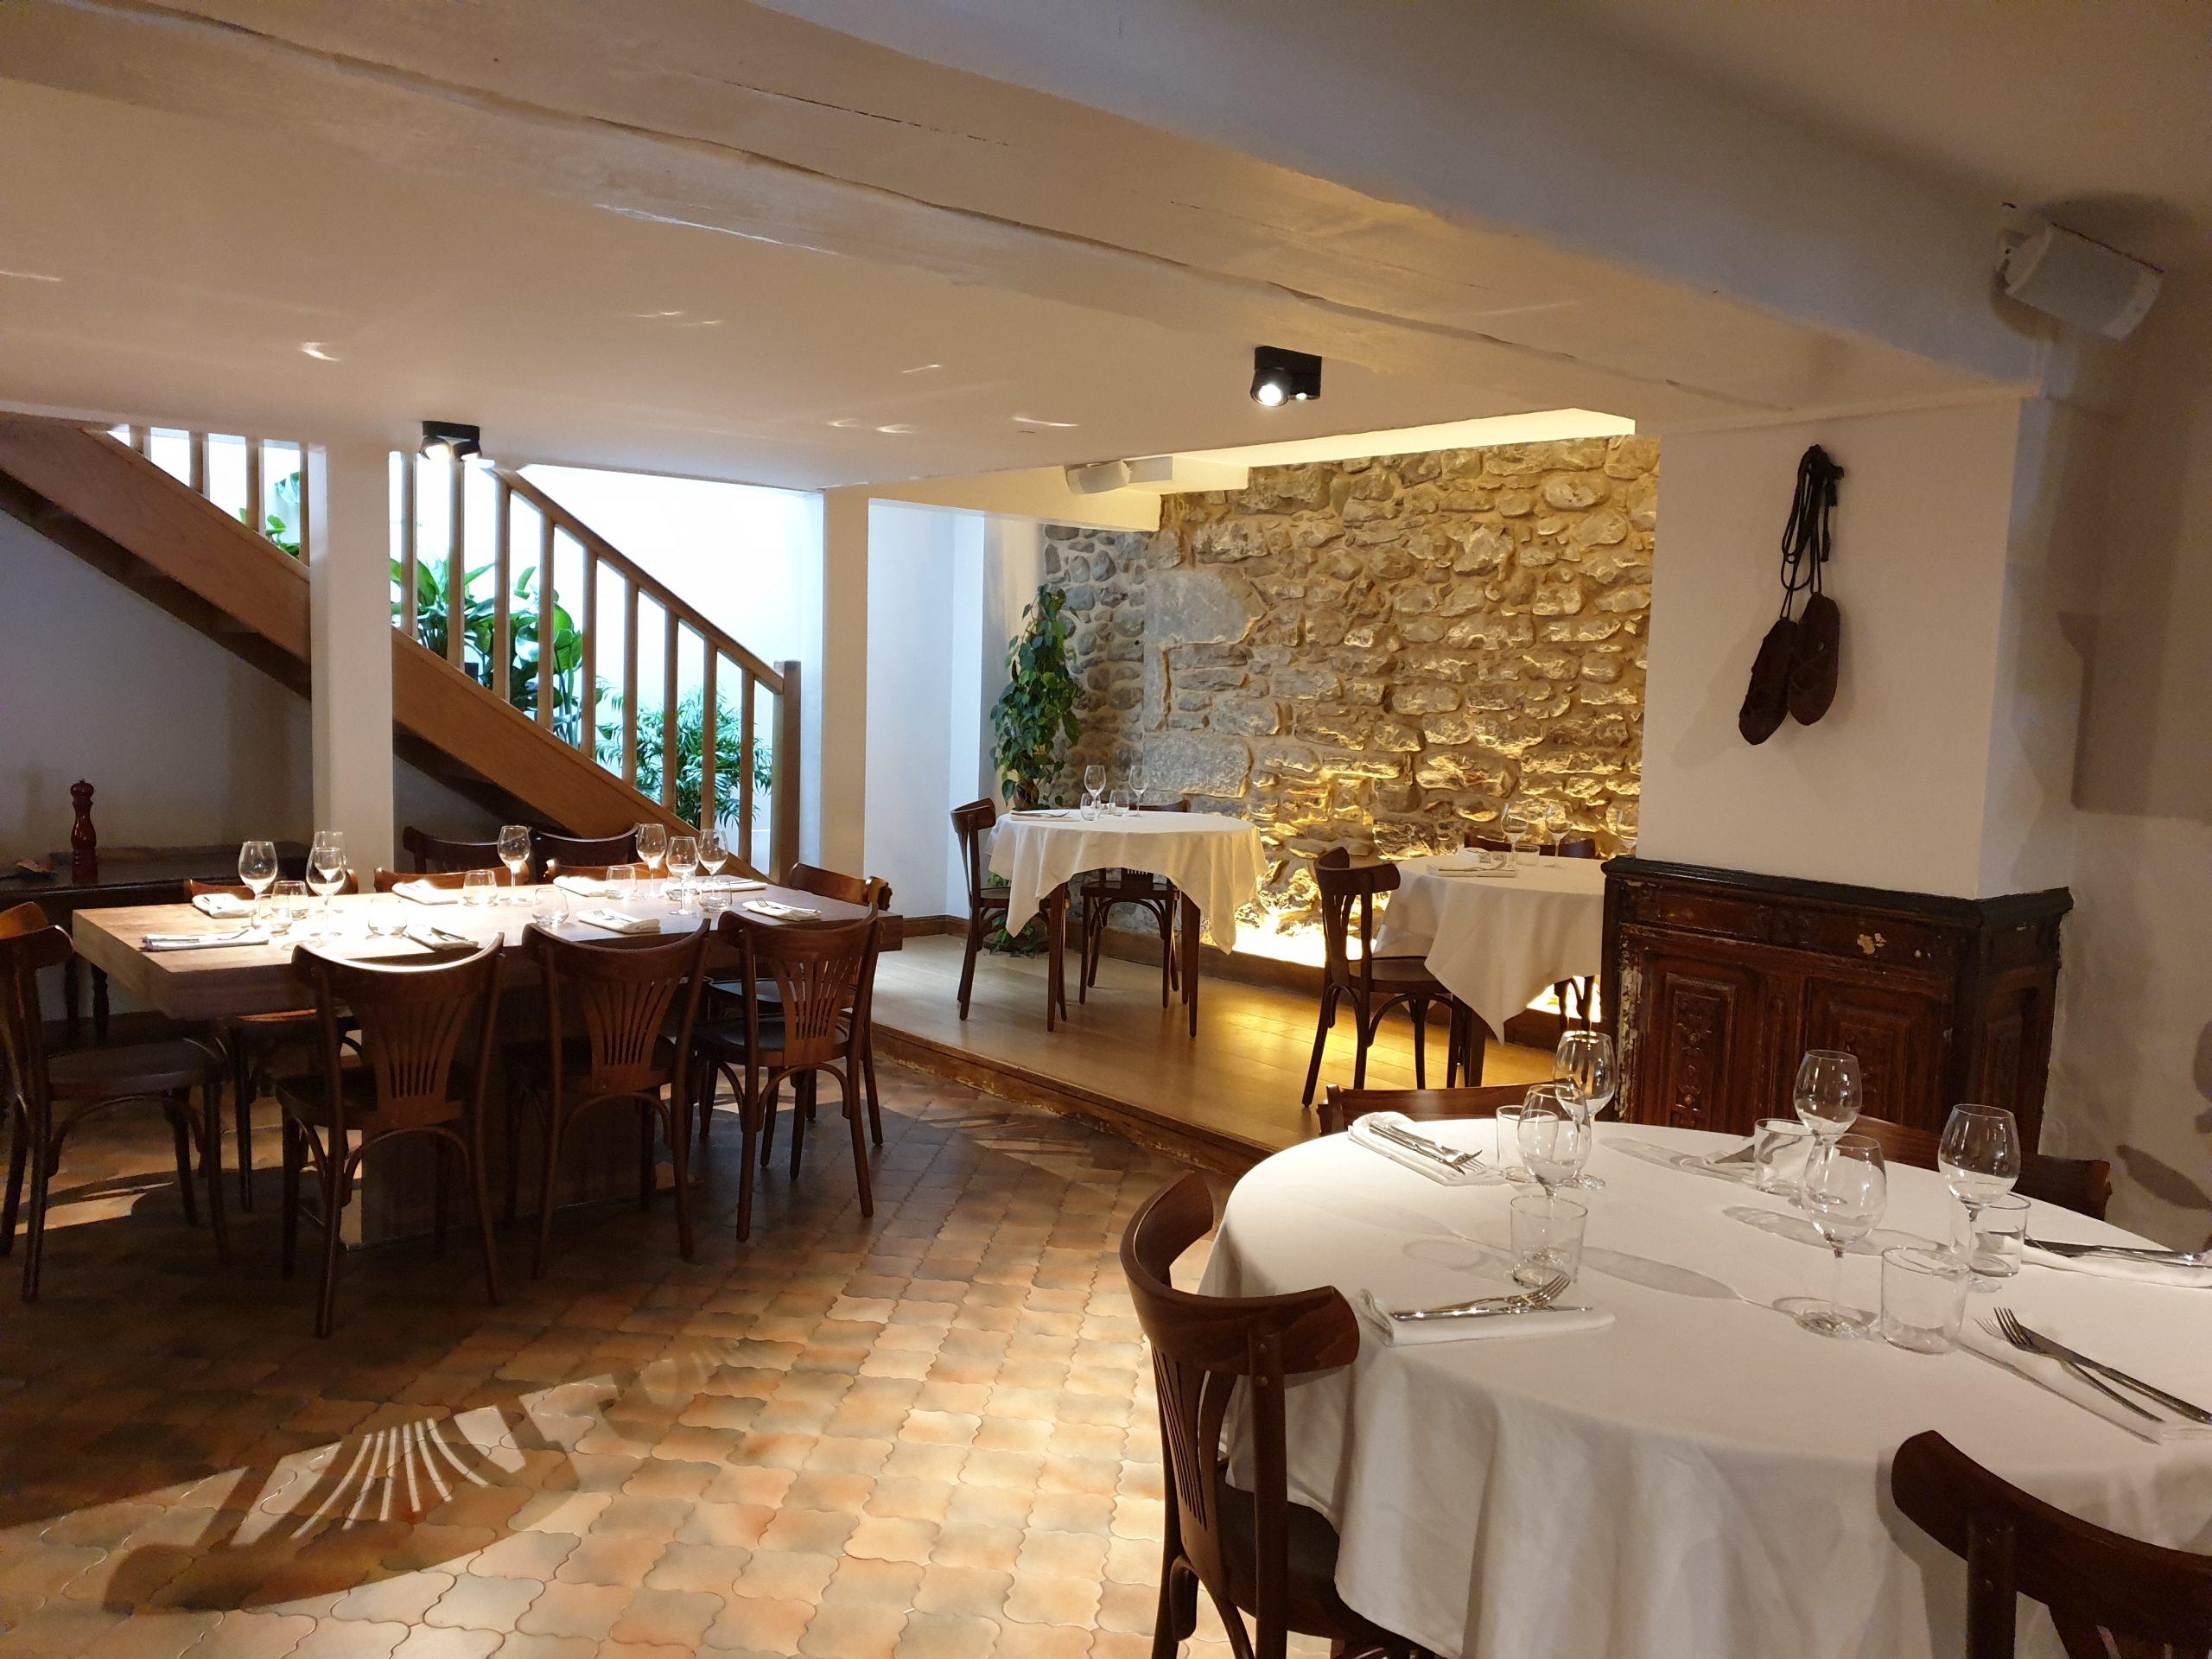 grande salle de restaurant avec une table ronde et nappe blanche